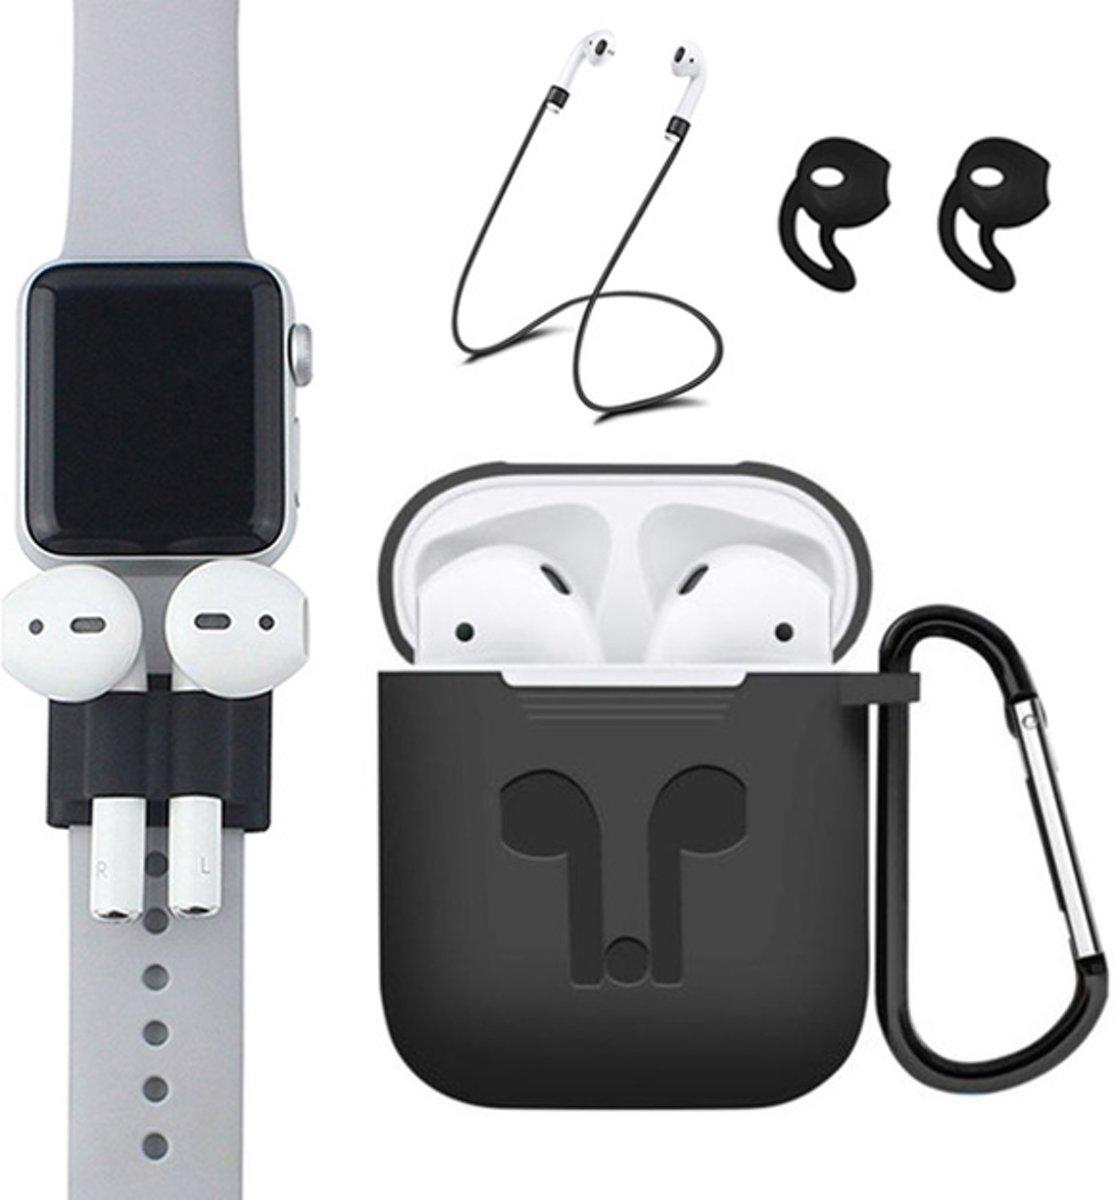 5 in 1 siliconen hoesje met Anti-lost strap en houder - Earhooks - Haak - Zwart Case - geschikt voor Apple Airpods kopen